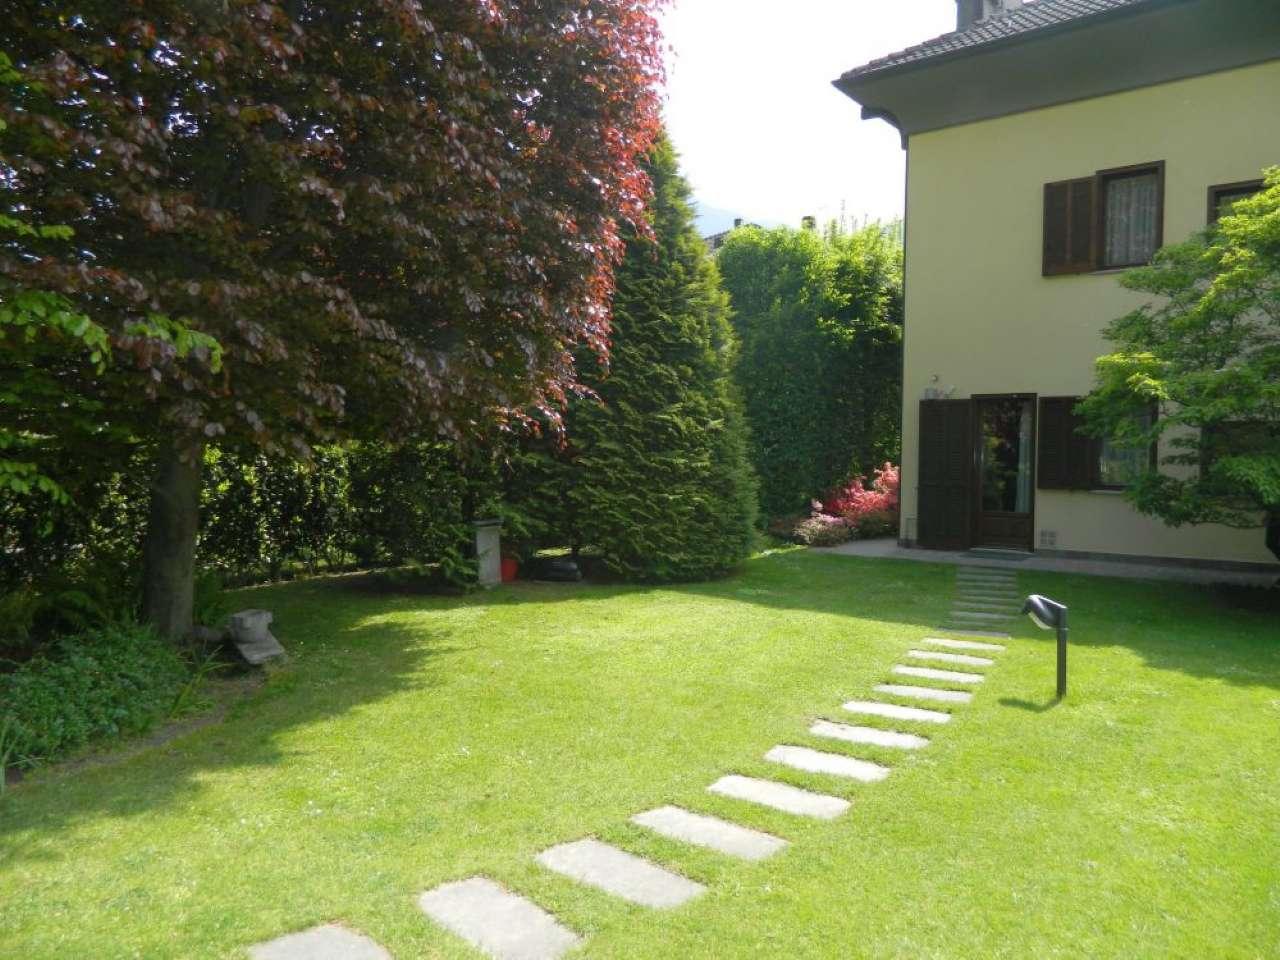 Villa in vendita a Montagna in Valtellina, 7 locali, prezzo € 395.000 | PortaleAgenzieImmobiliari.it